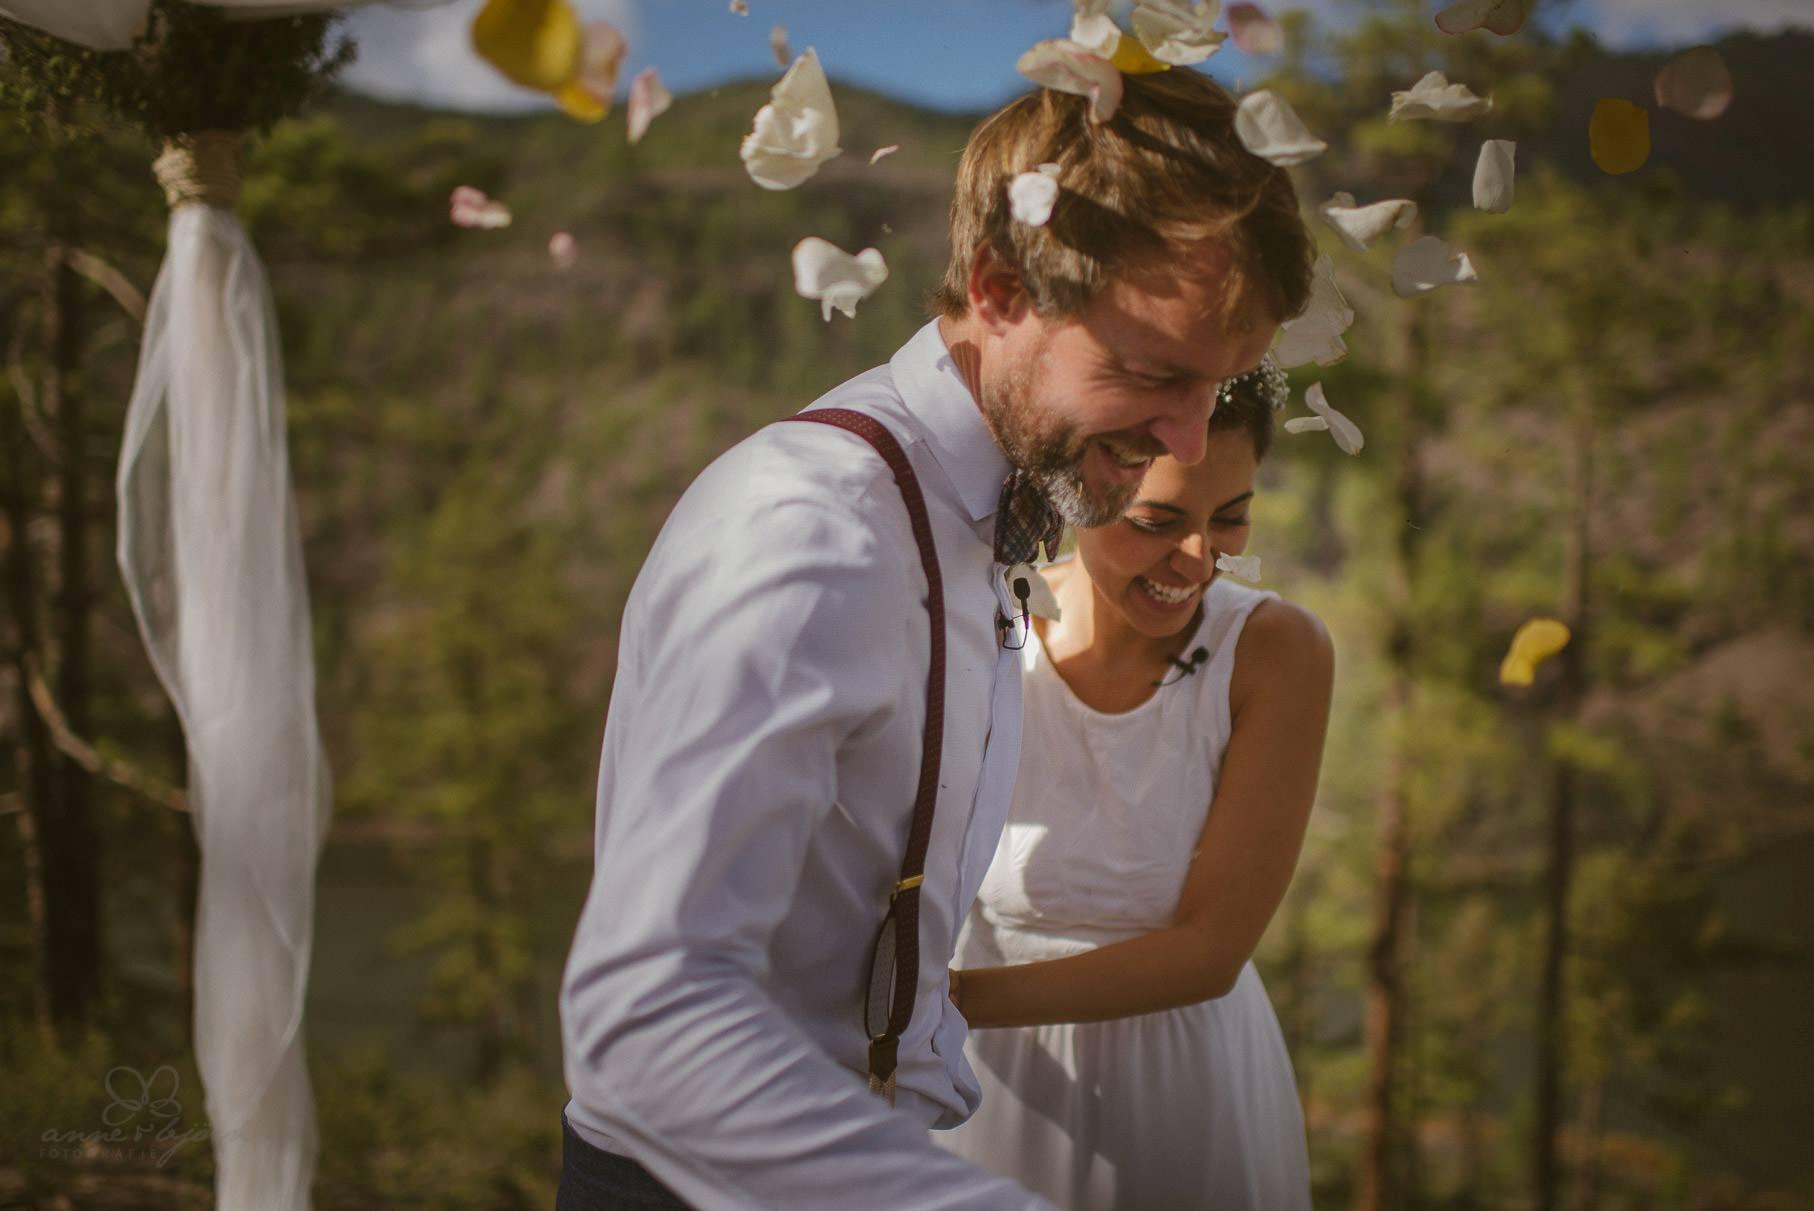 0085 lug d75 6653 - Hochzeit auf Gran Canaria - Linda & Gerald (Elopement)